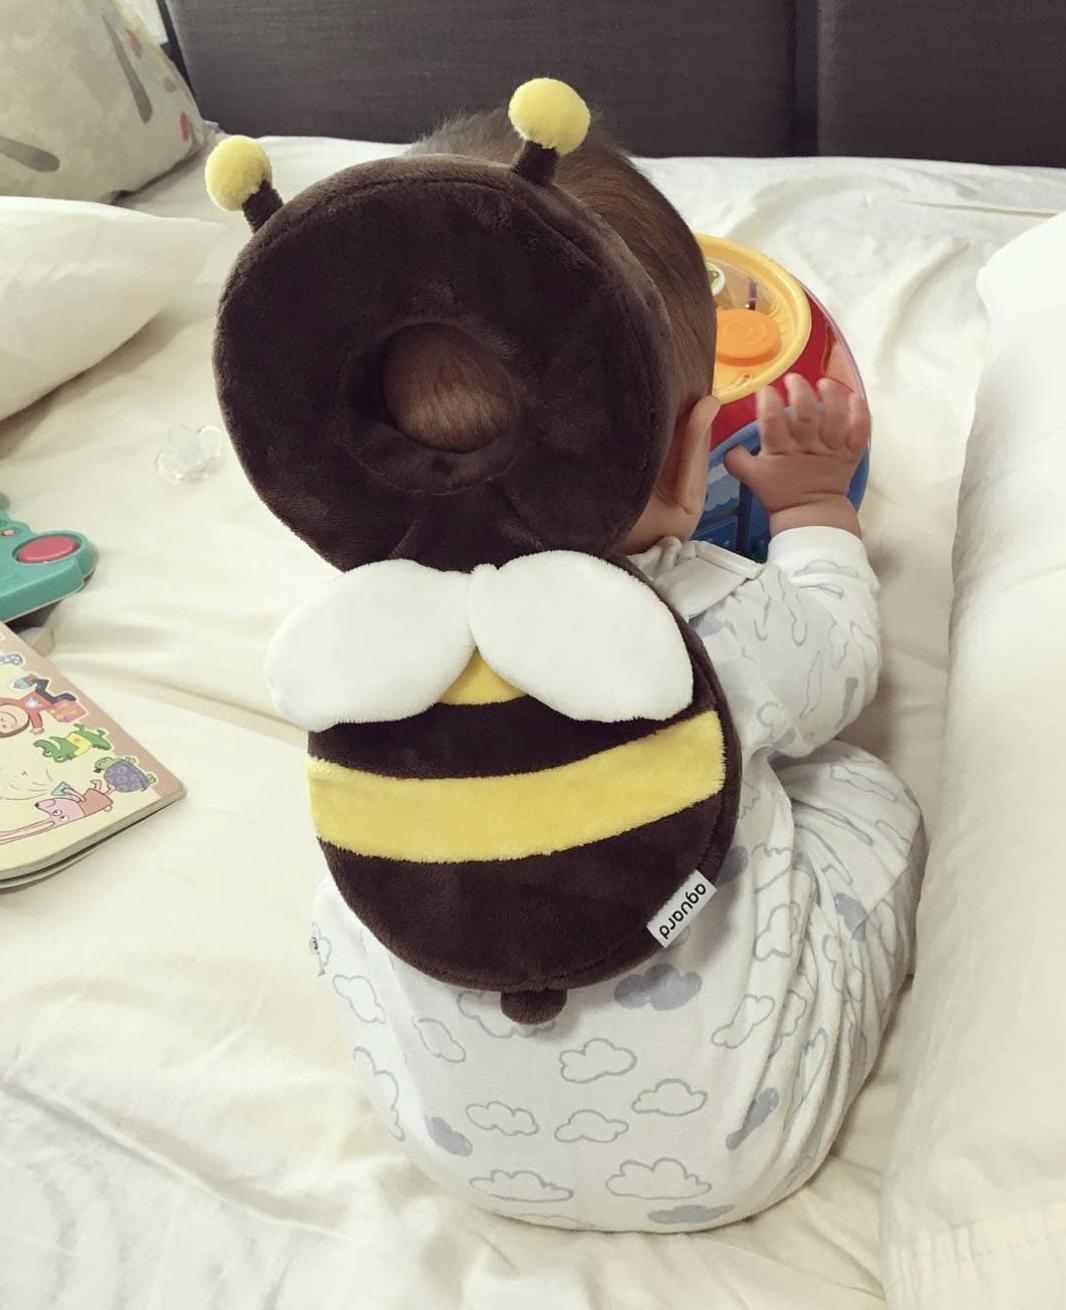 Mochila anti-impacto protege cabeça do bebê contra quedas